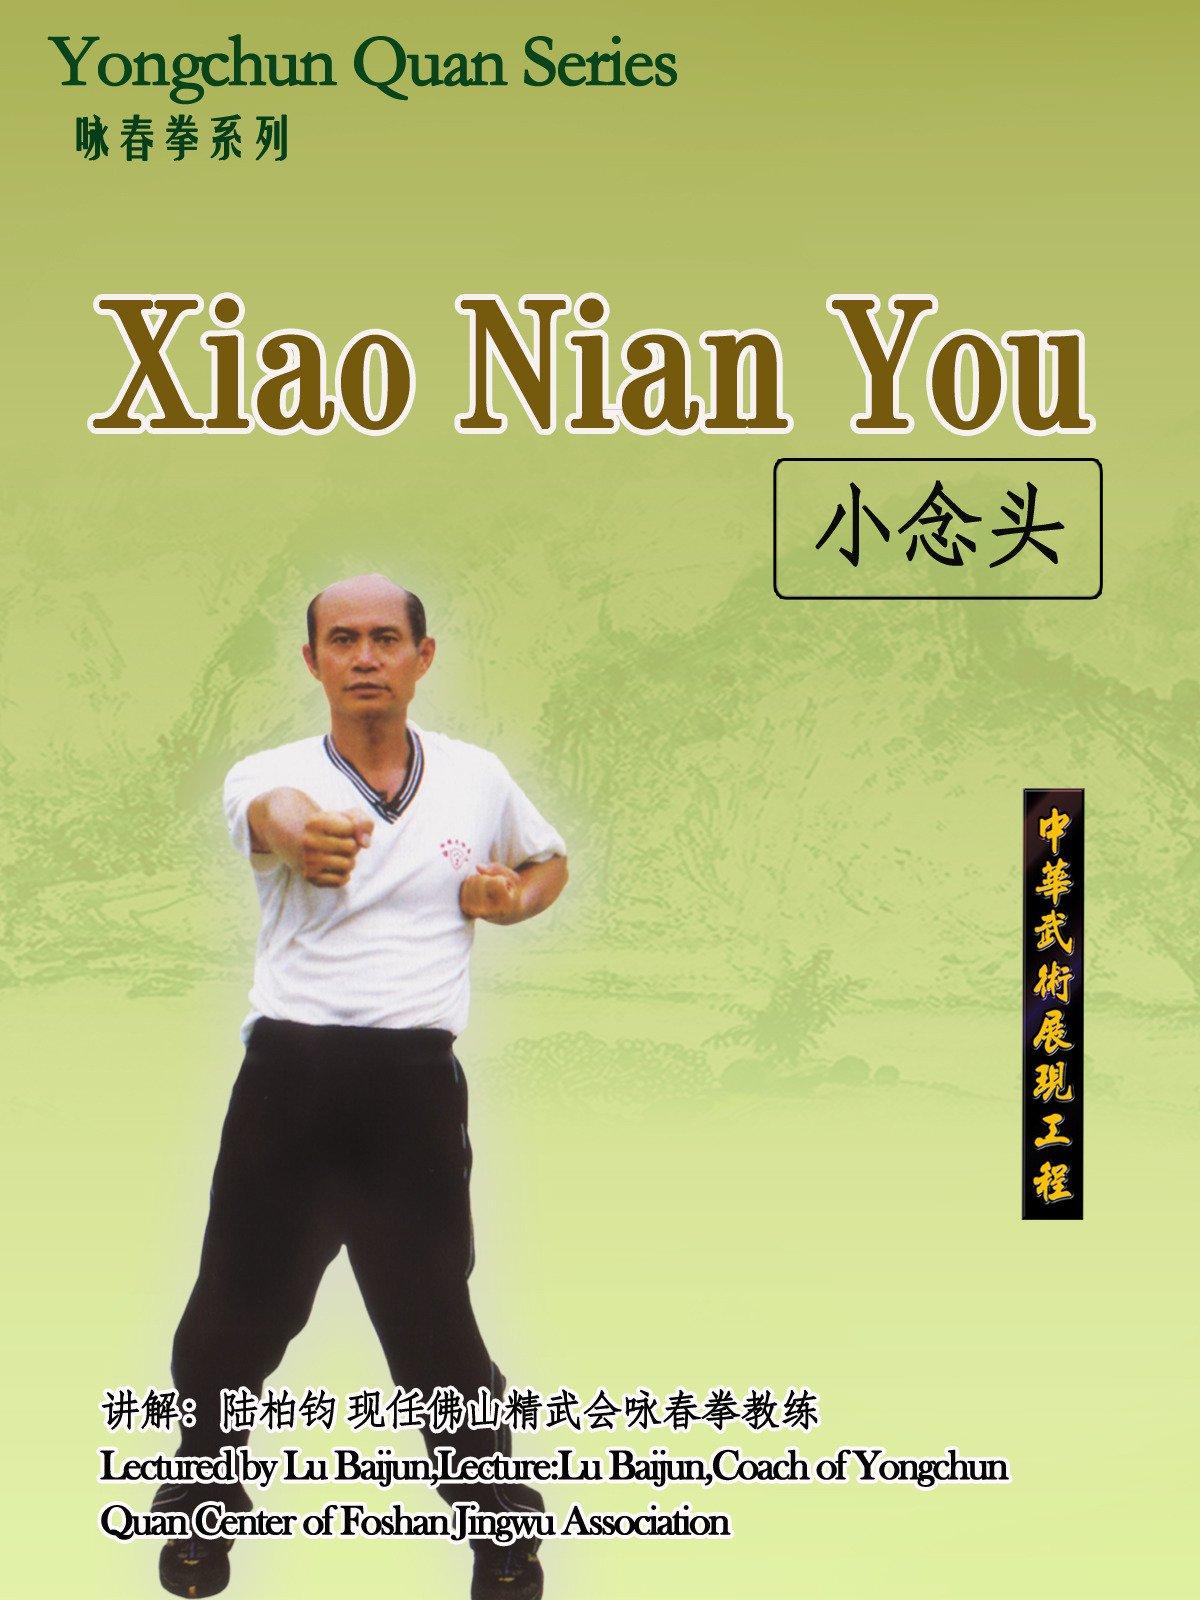 Yongchun Quan Series-Xiao Nian Tou (Lectured by Lu Baijun)